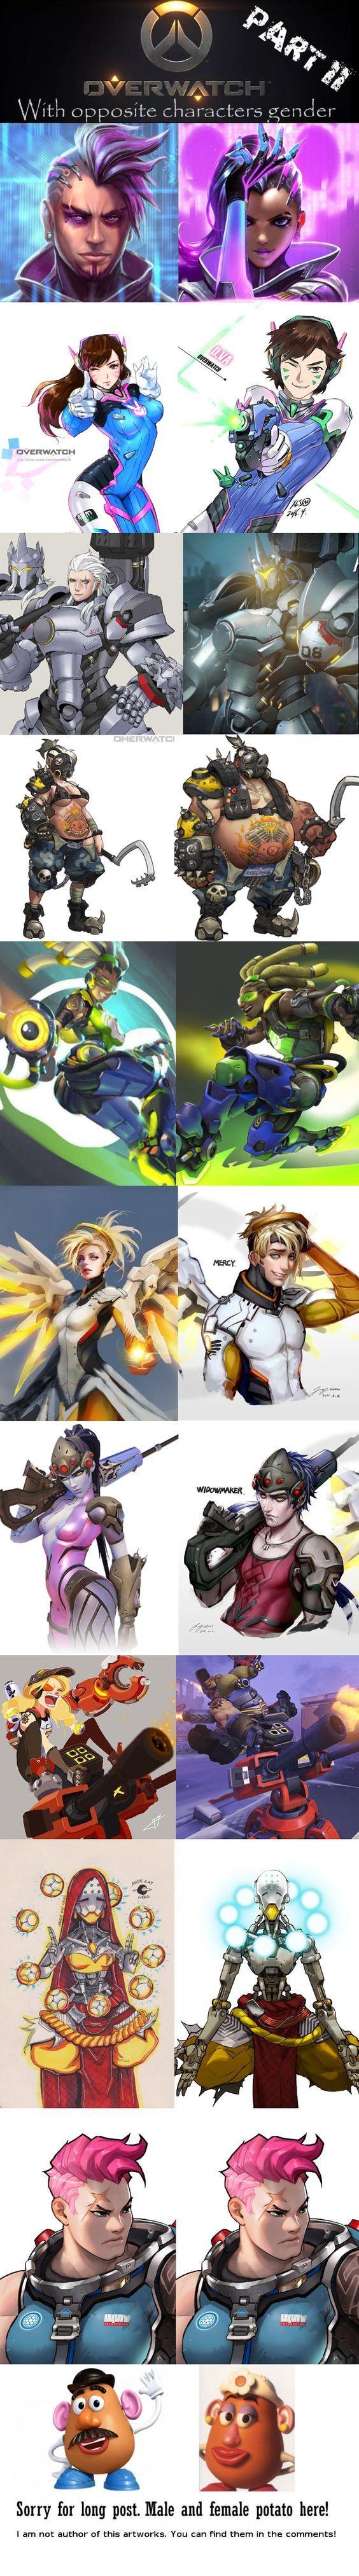 Overwatch characters in opposite gender! Part II